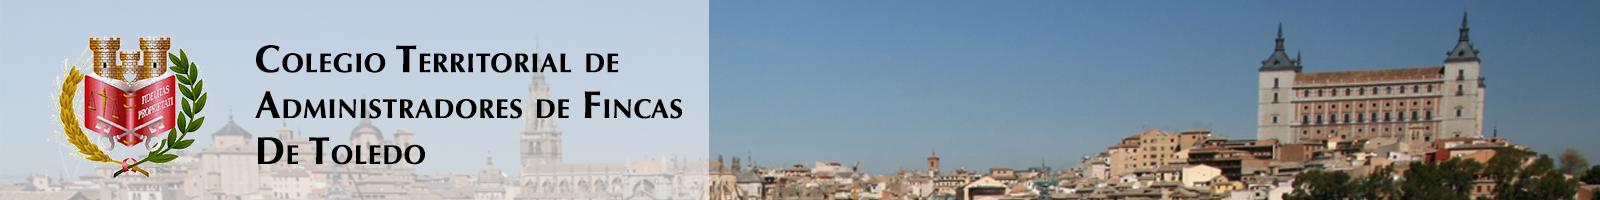 Colegio Territorial de Administradores de Fincas de Toledo